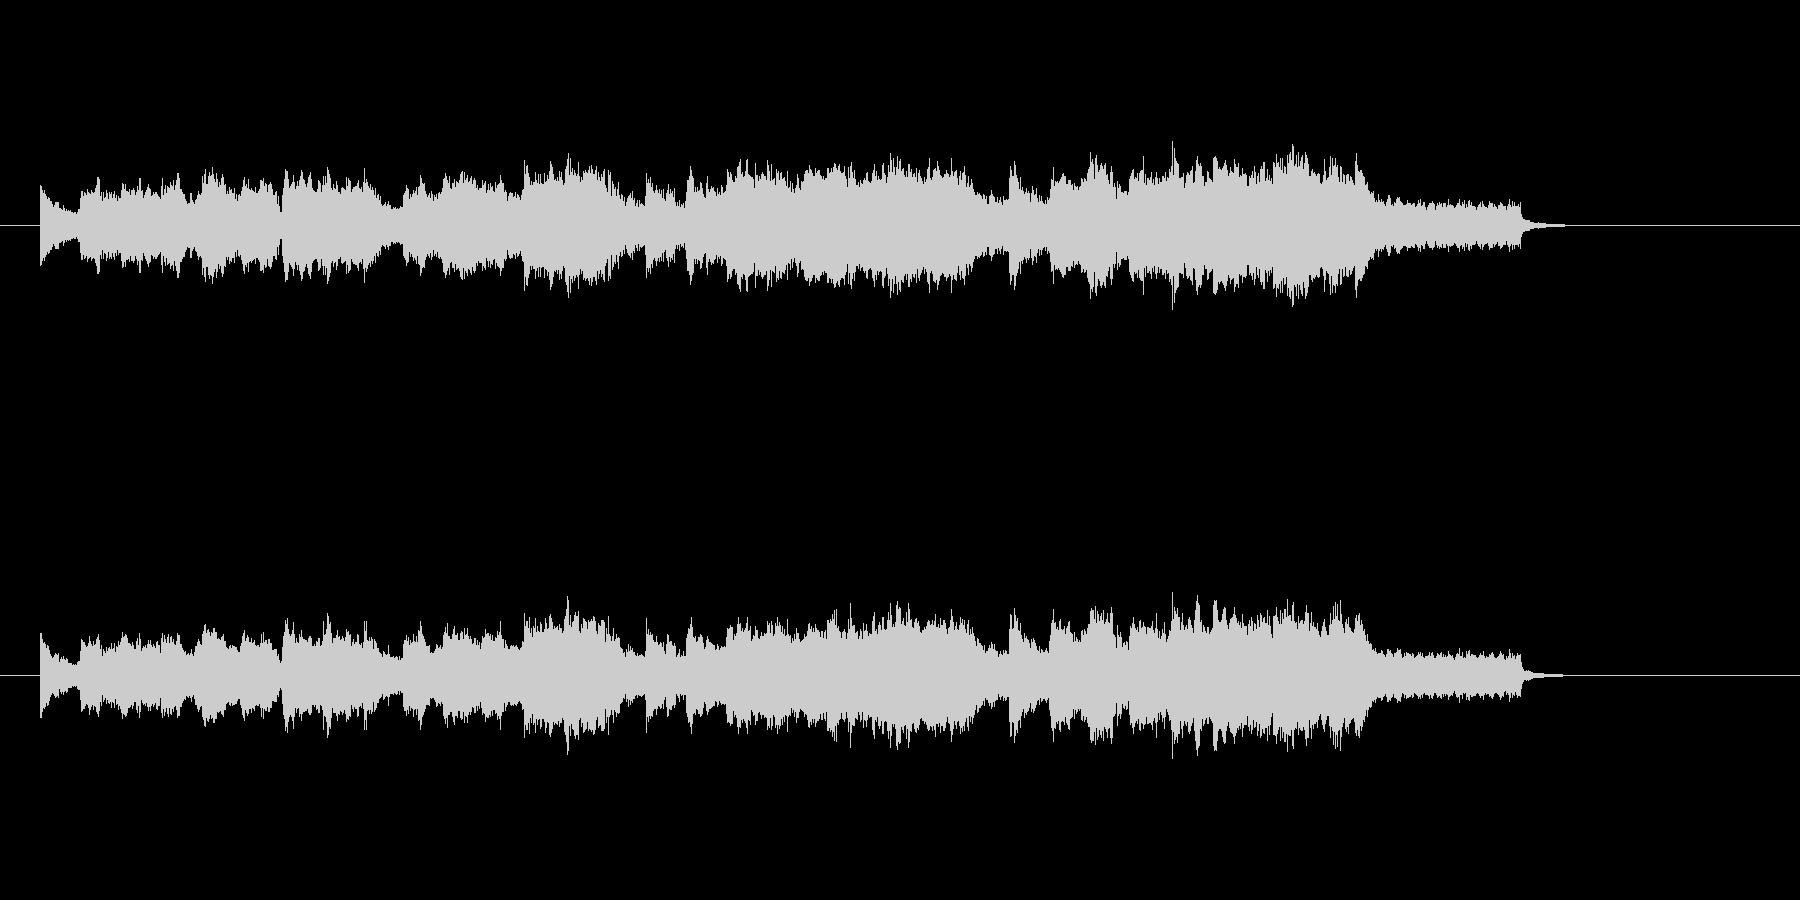 ストリングス 弦楽器 ほのぼのの未再生の波形